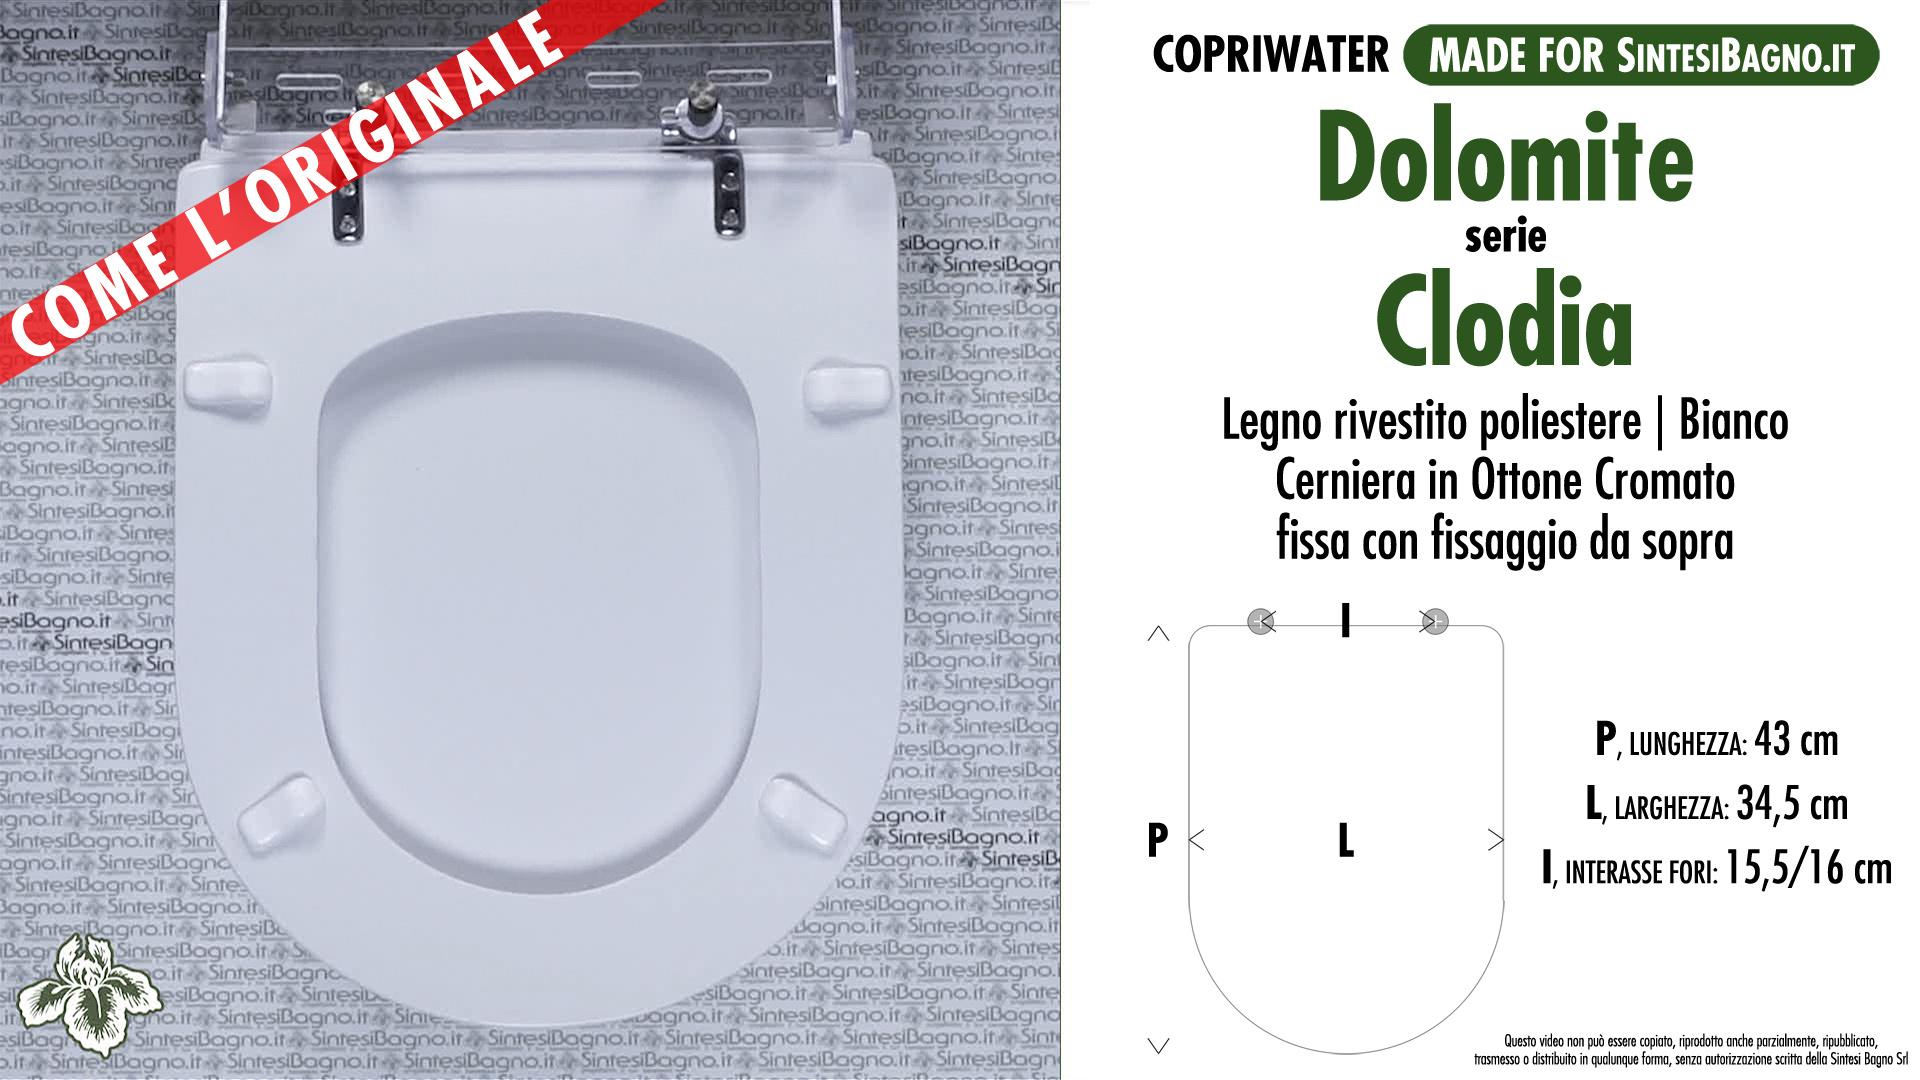 Sedile Wc Dolomite Clodia.Copriwater Per Wc Clodia Dolomite Ricambio Come L Originale Legno Rivestito Sintesibagno Shop Online